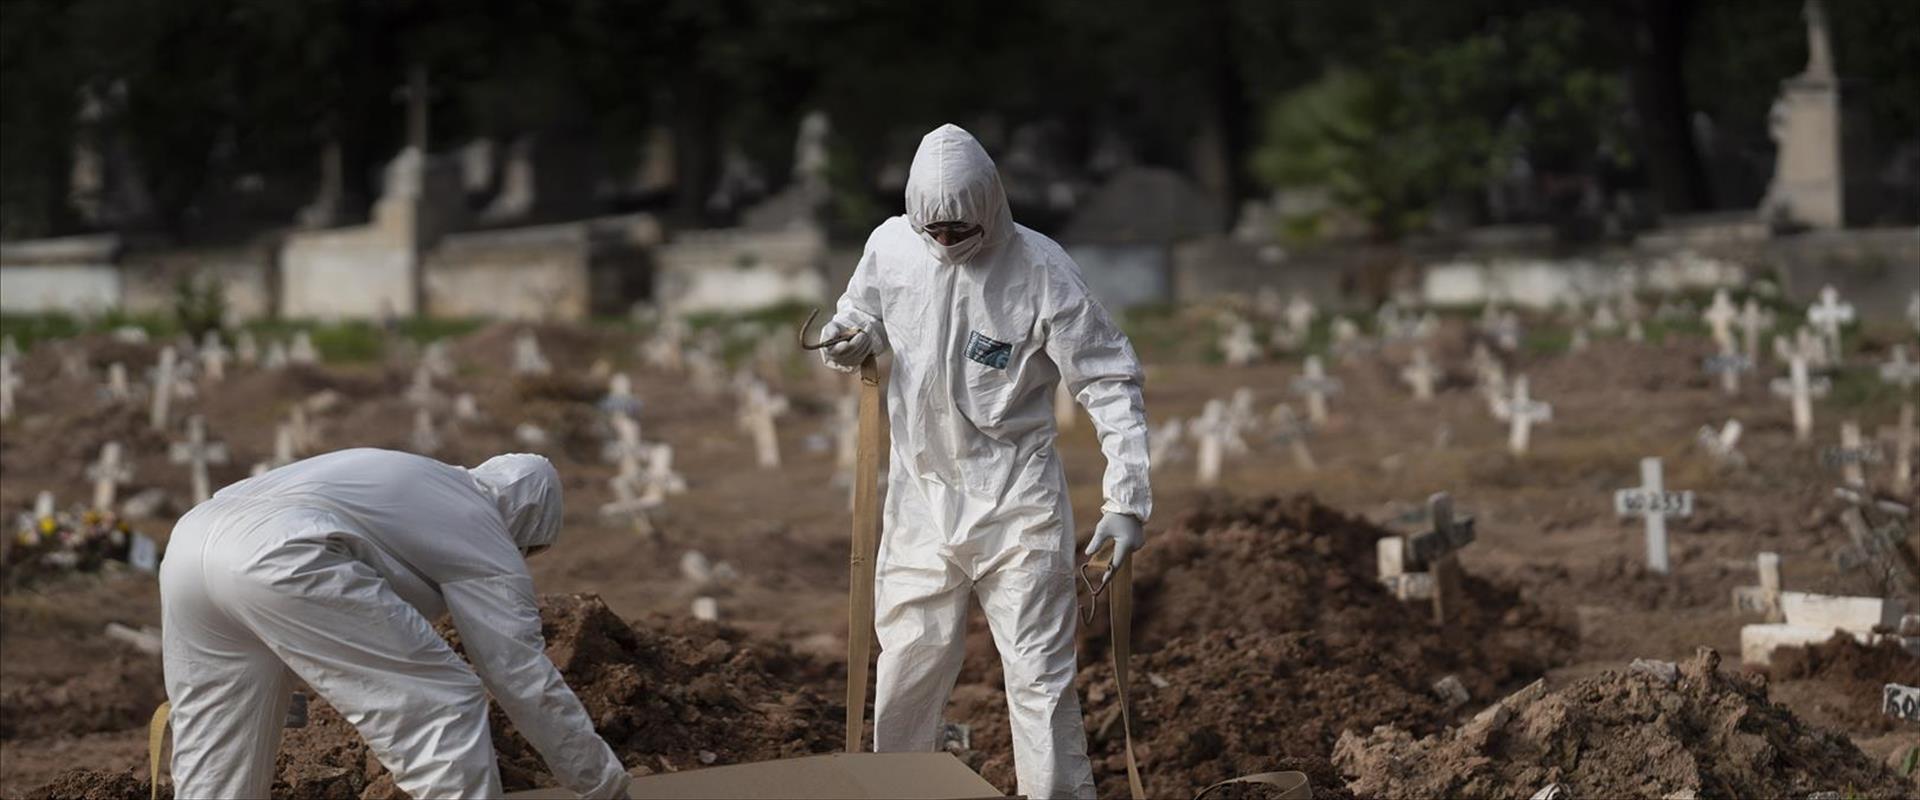 בית הקברות בסאו-פאולו לקורבנות הקורונה